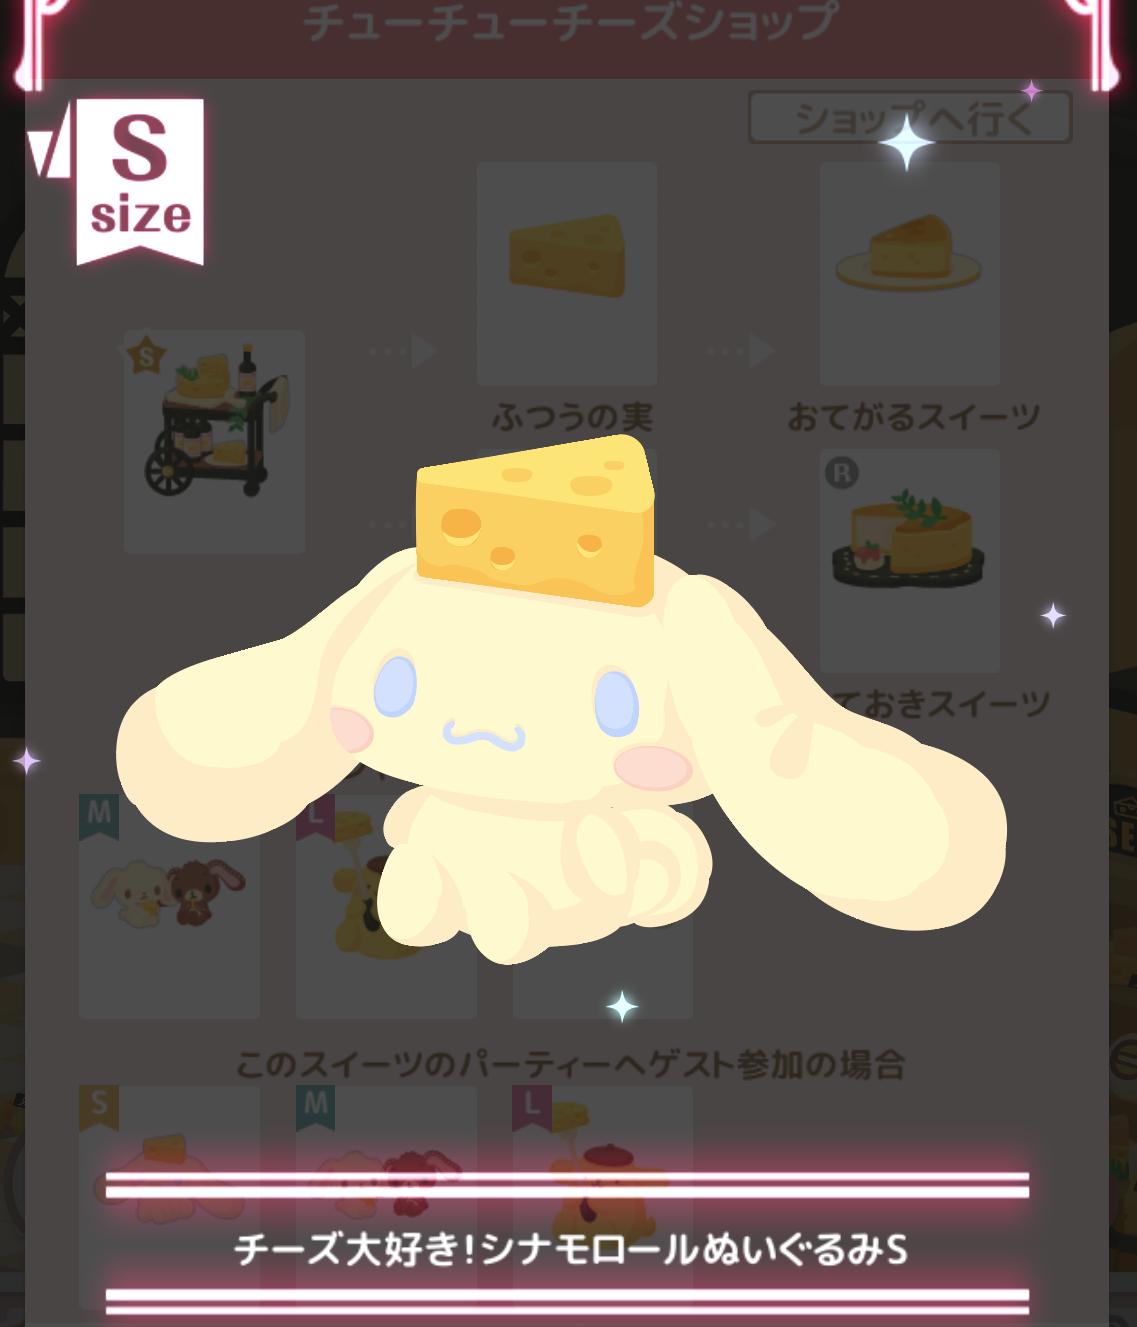 チーズ大好き!シナモロールぬいぐるみS